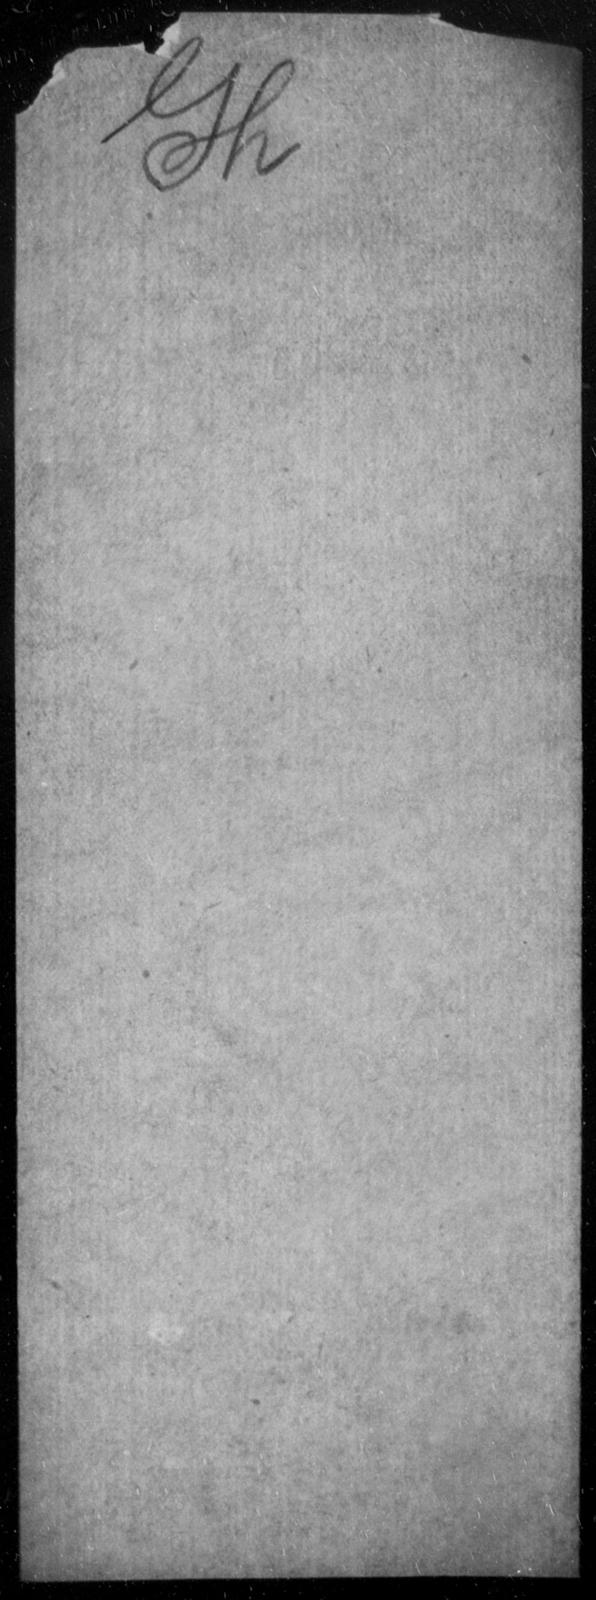 Gh, [Blank] - State: [Blank] - Year: [Blank]